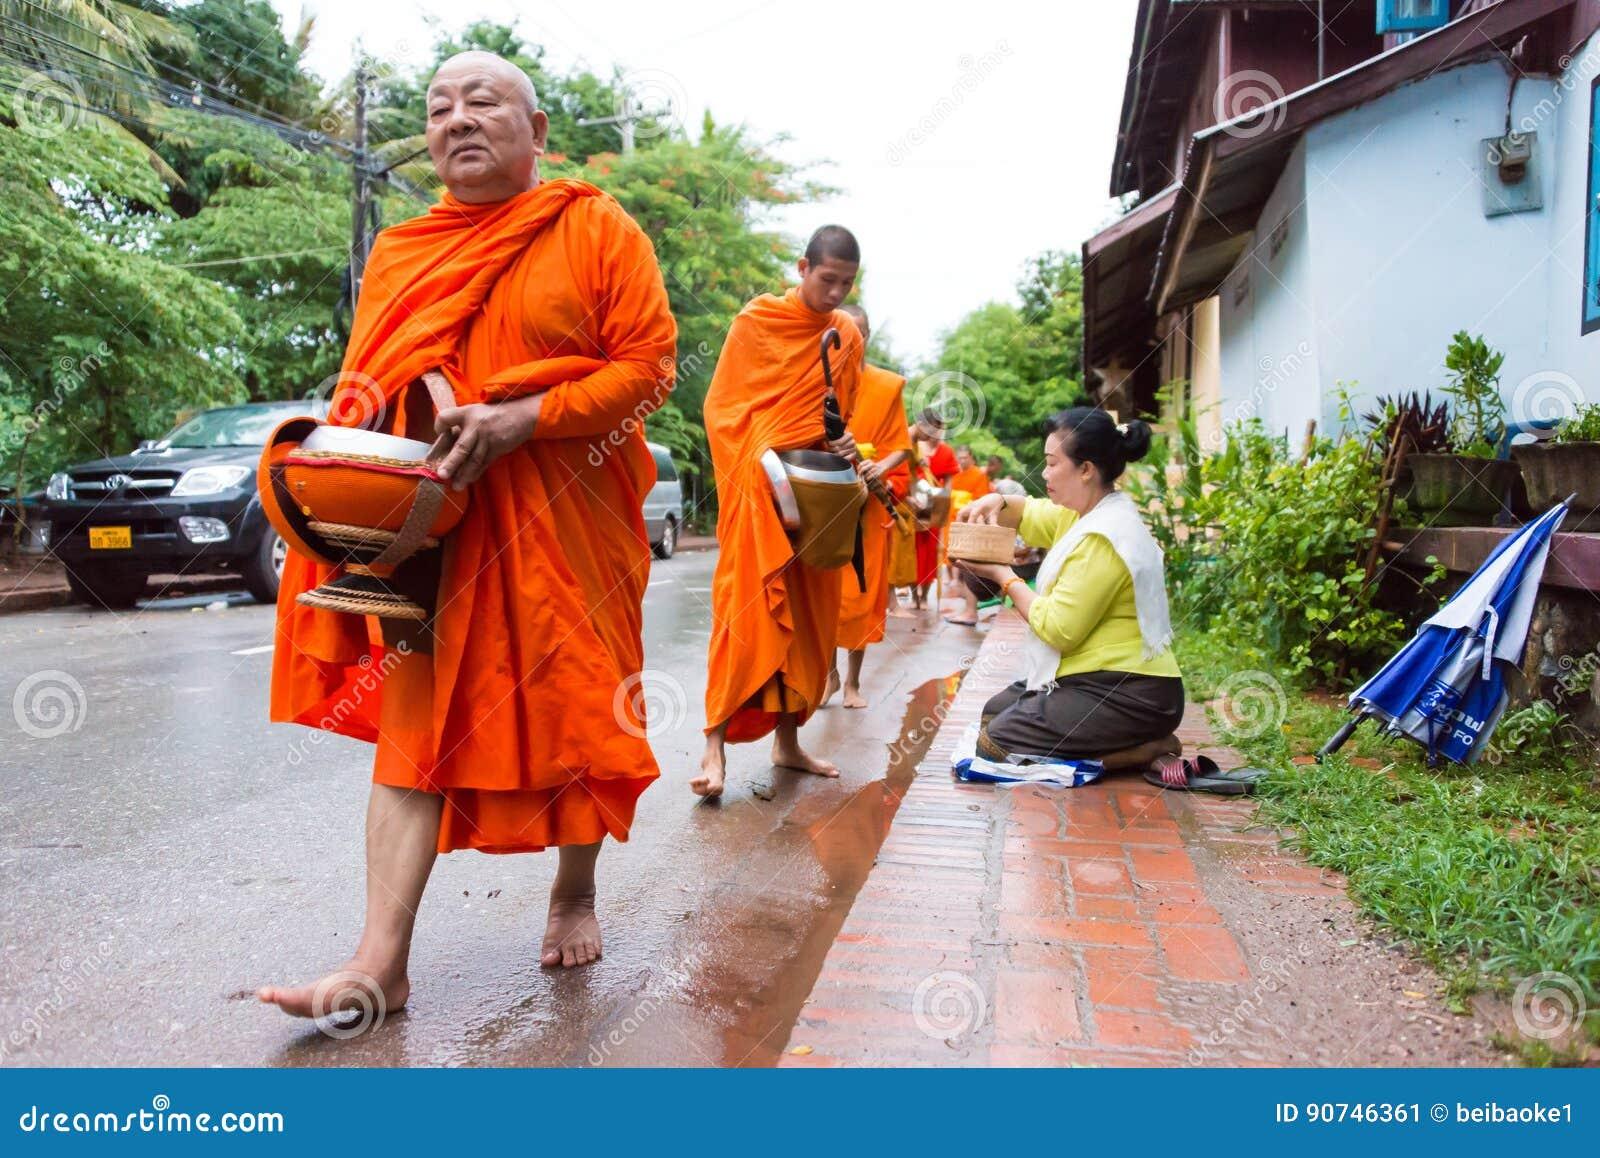 Luang Prabang, Laos - 12 juin 2015 : Aumône bouddhiste donnant la cérémonie